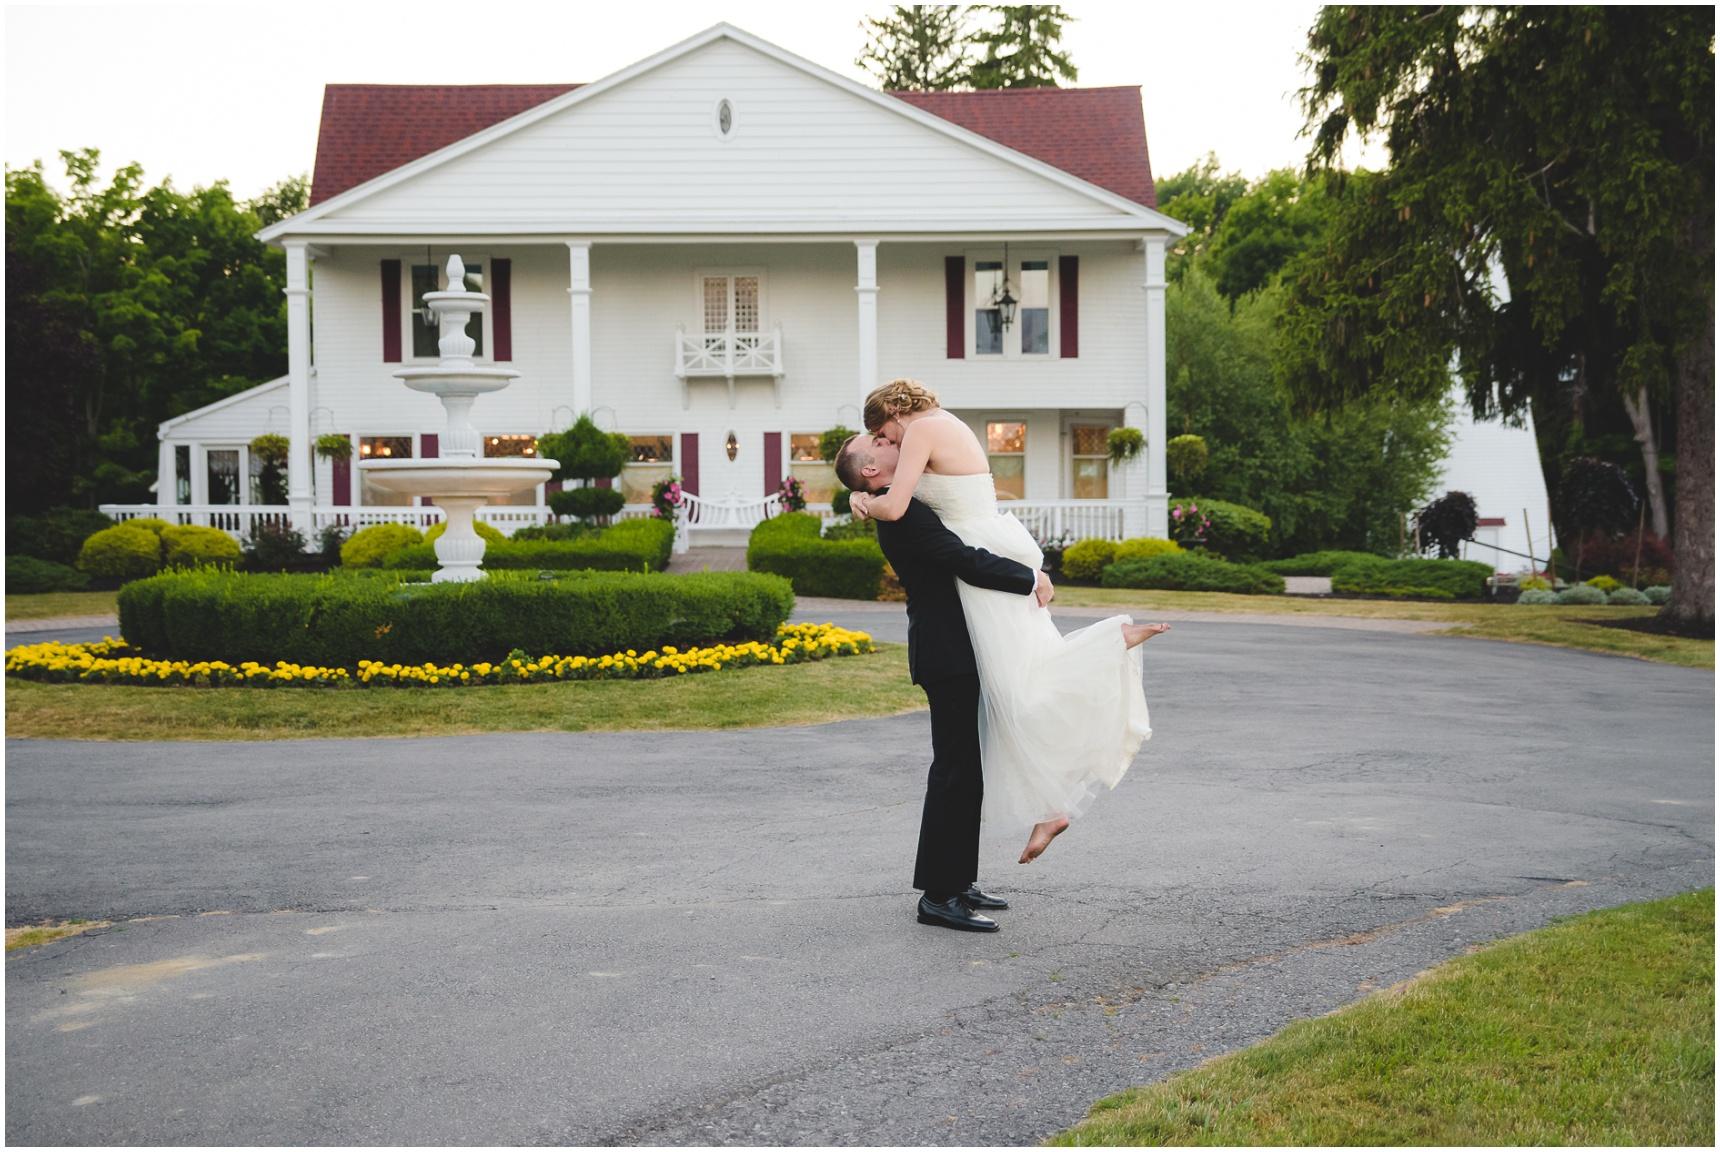 Buffalo-Avanti-Wedding-Photographer_064.jpg